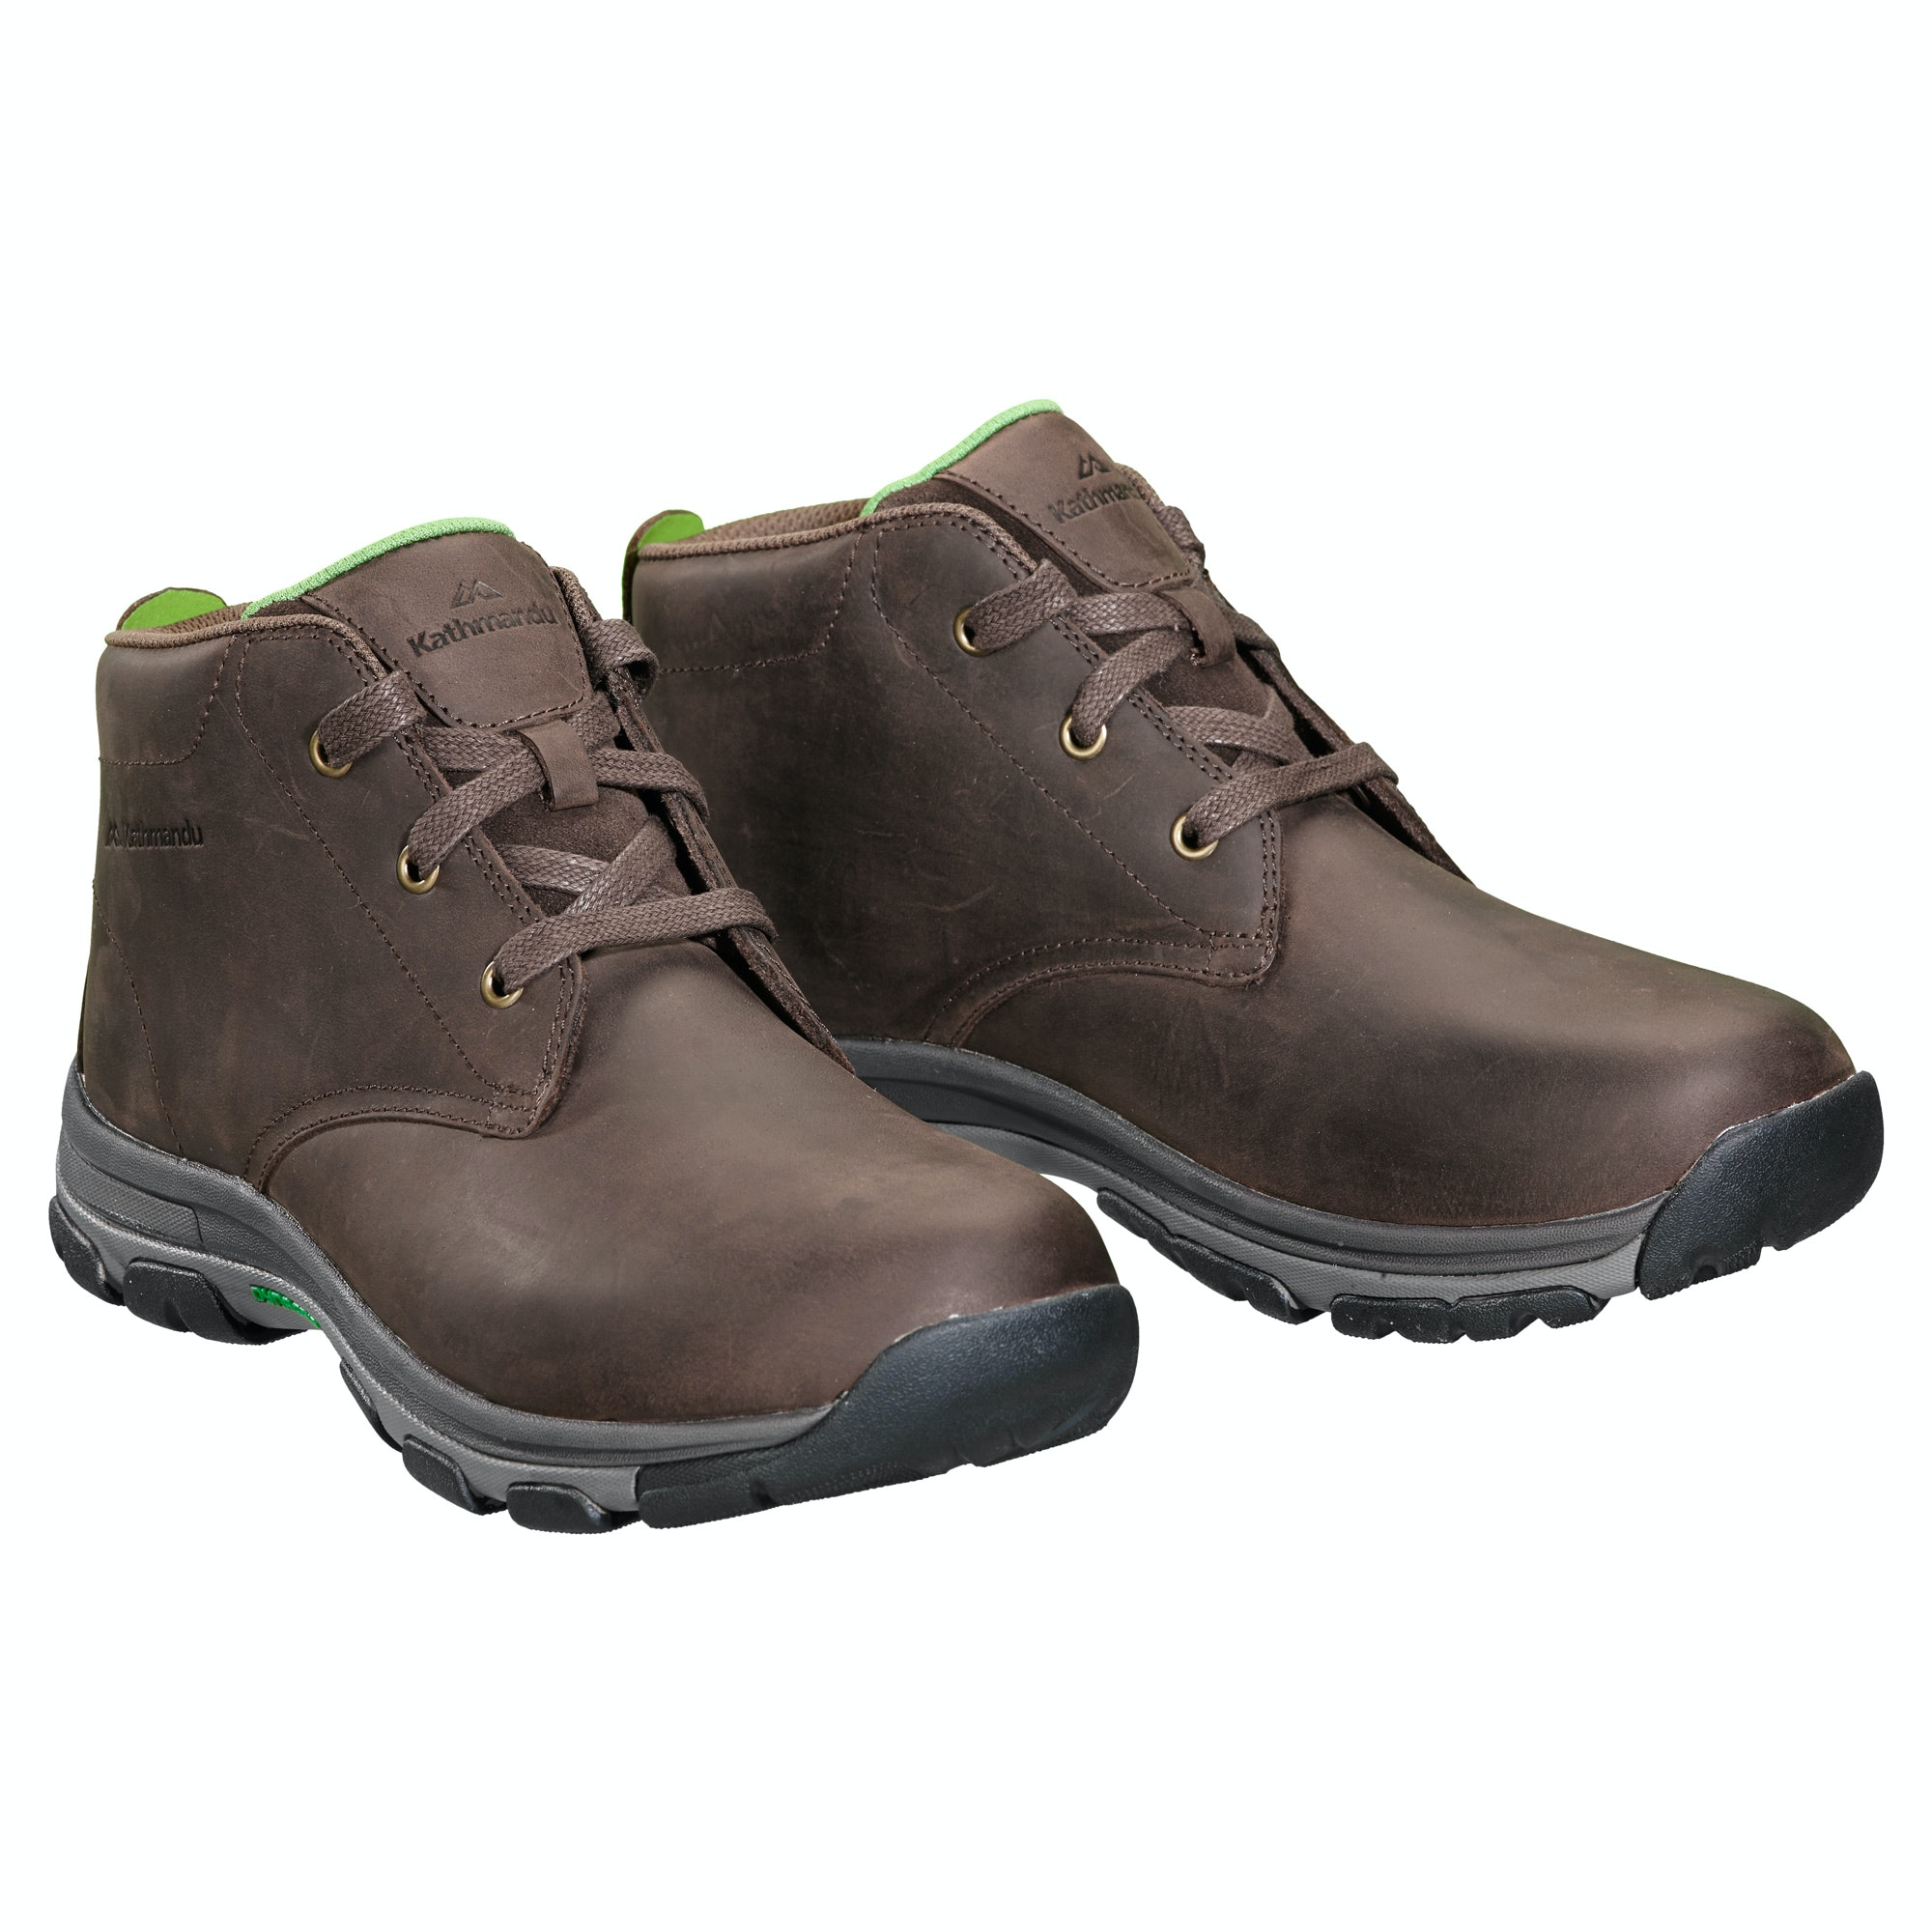 Dennison Men's Desert Boots - Dark Brown